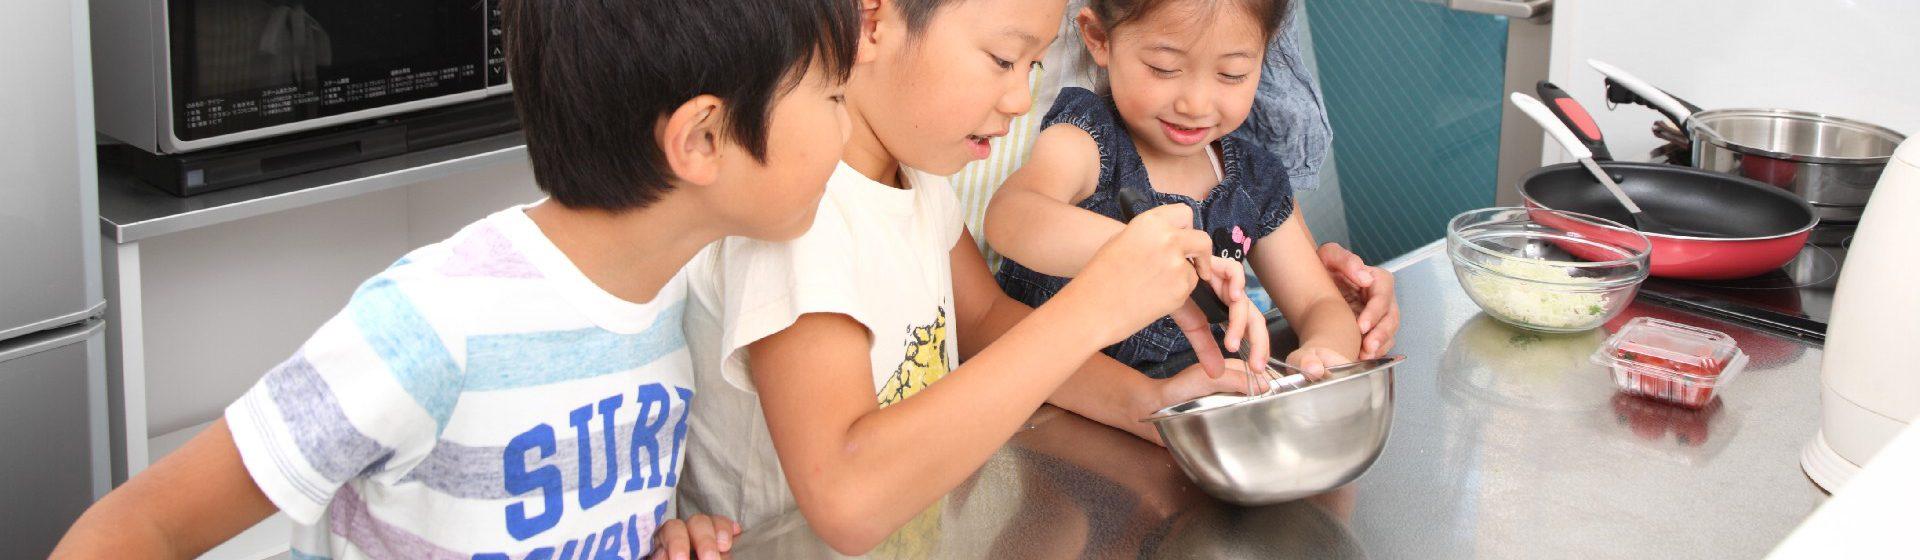 子供とホットケーキづくり